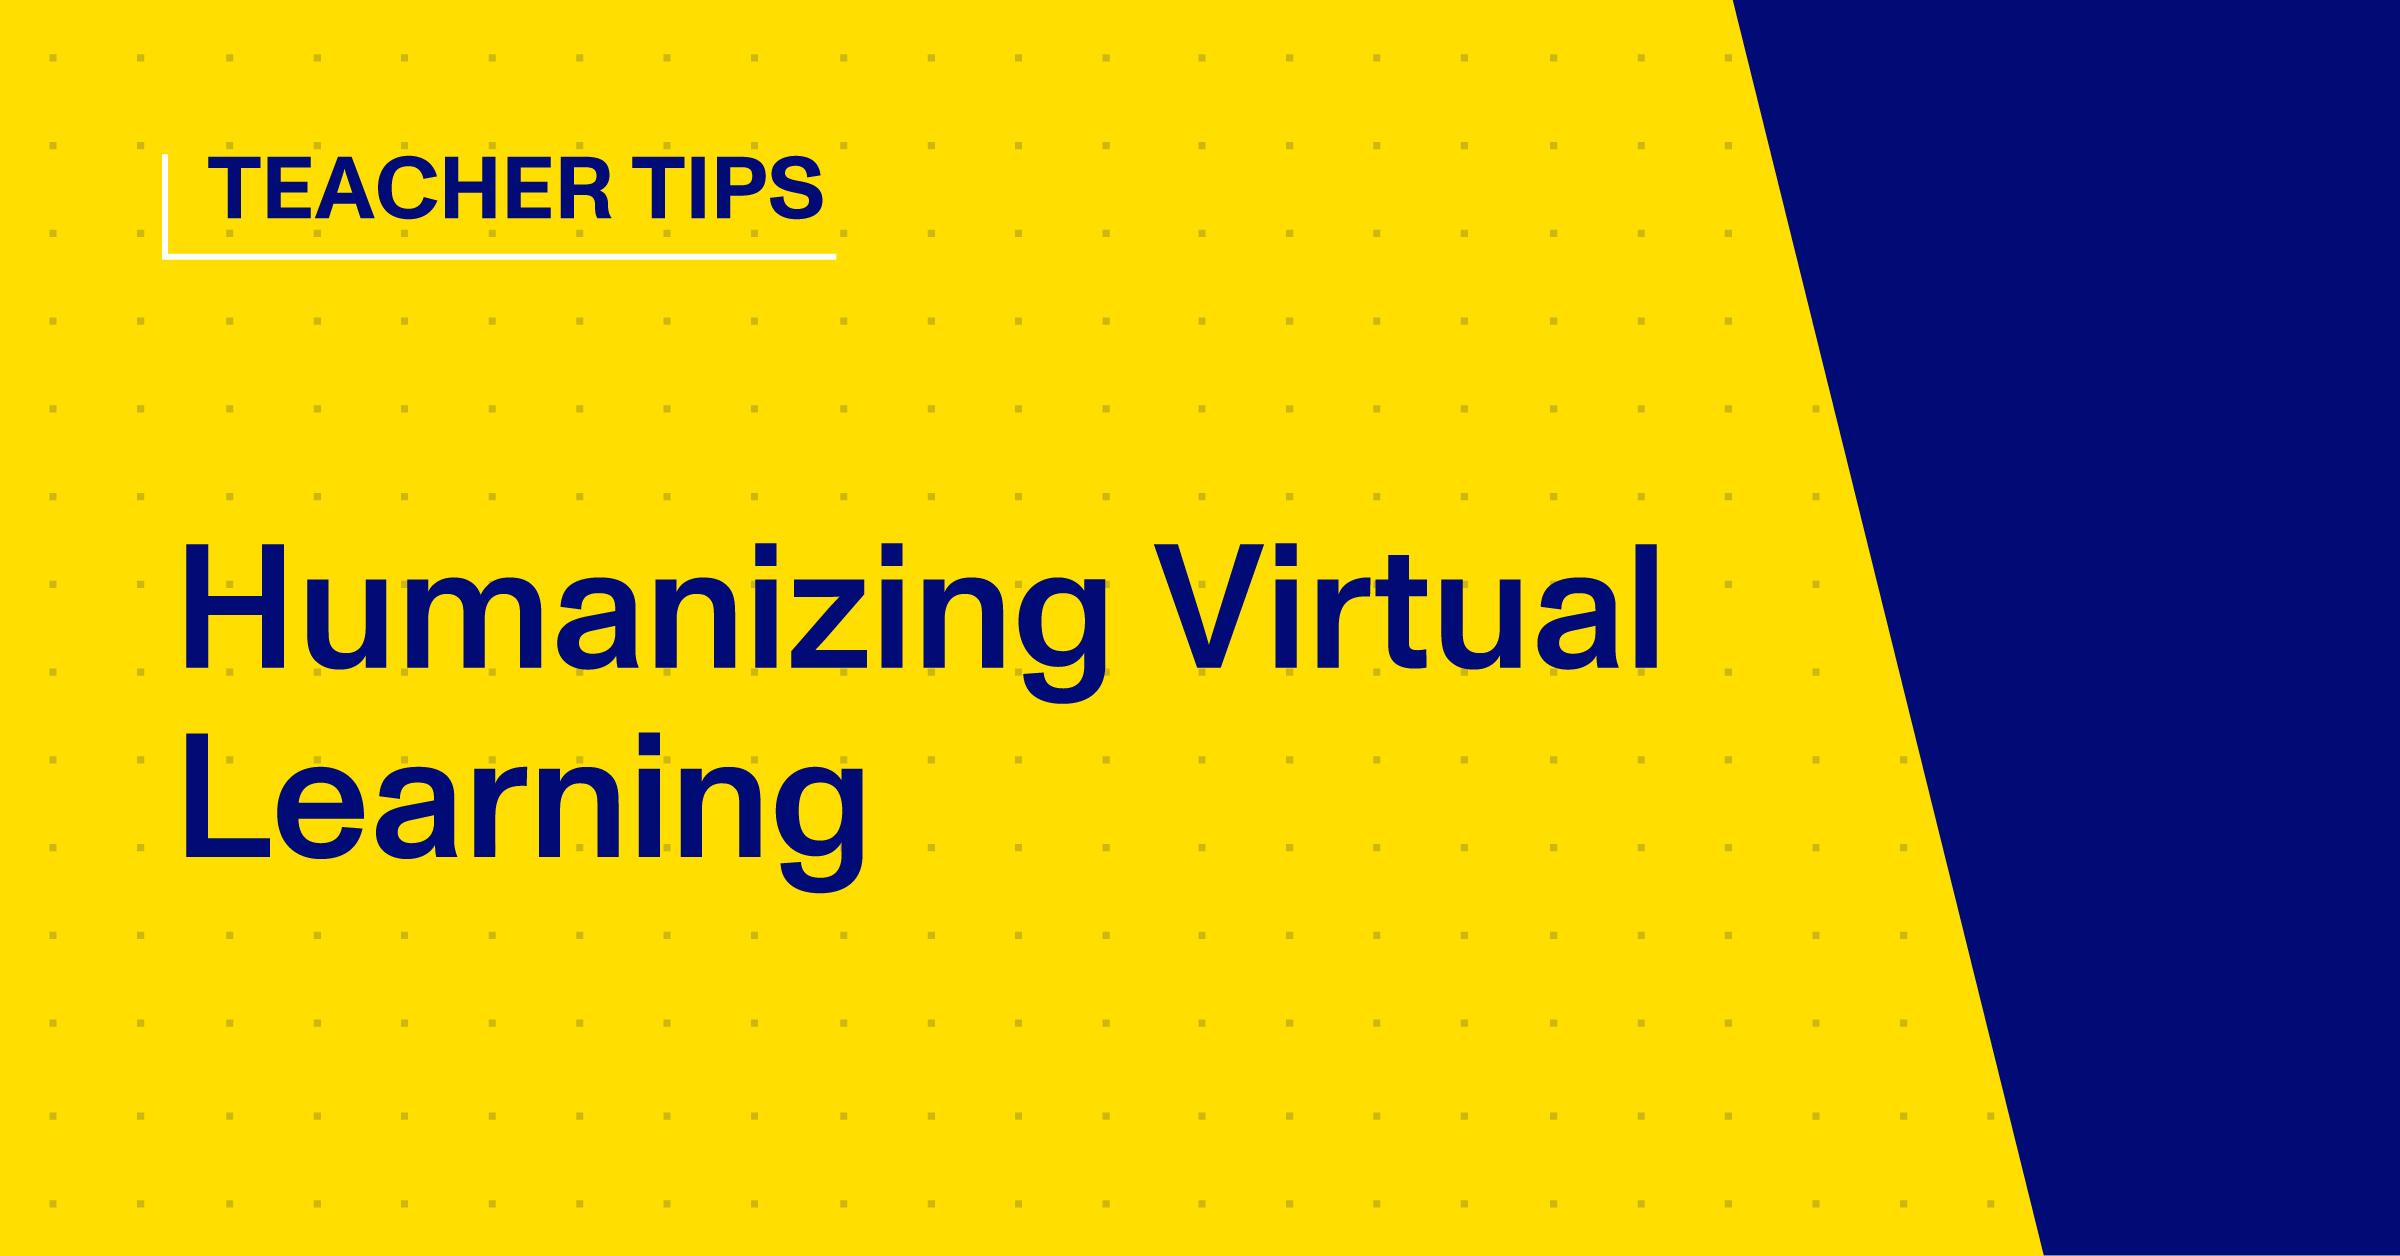 Humanizing Virtual Learning